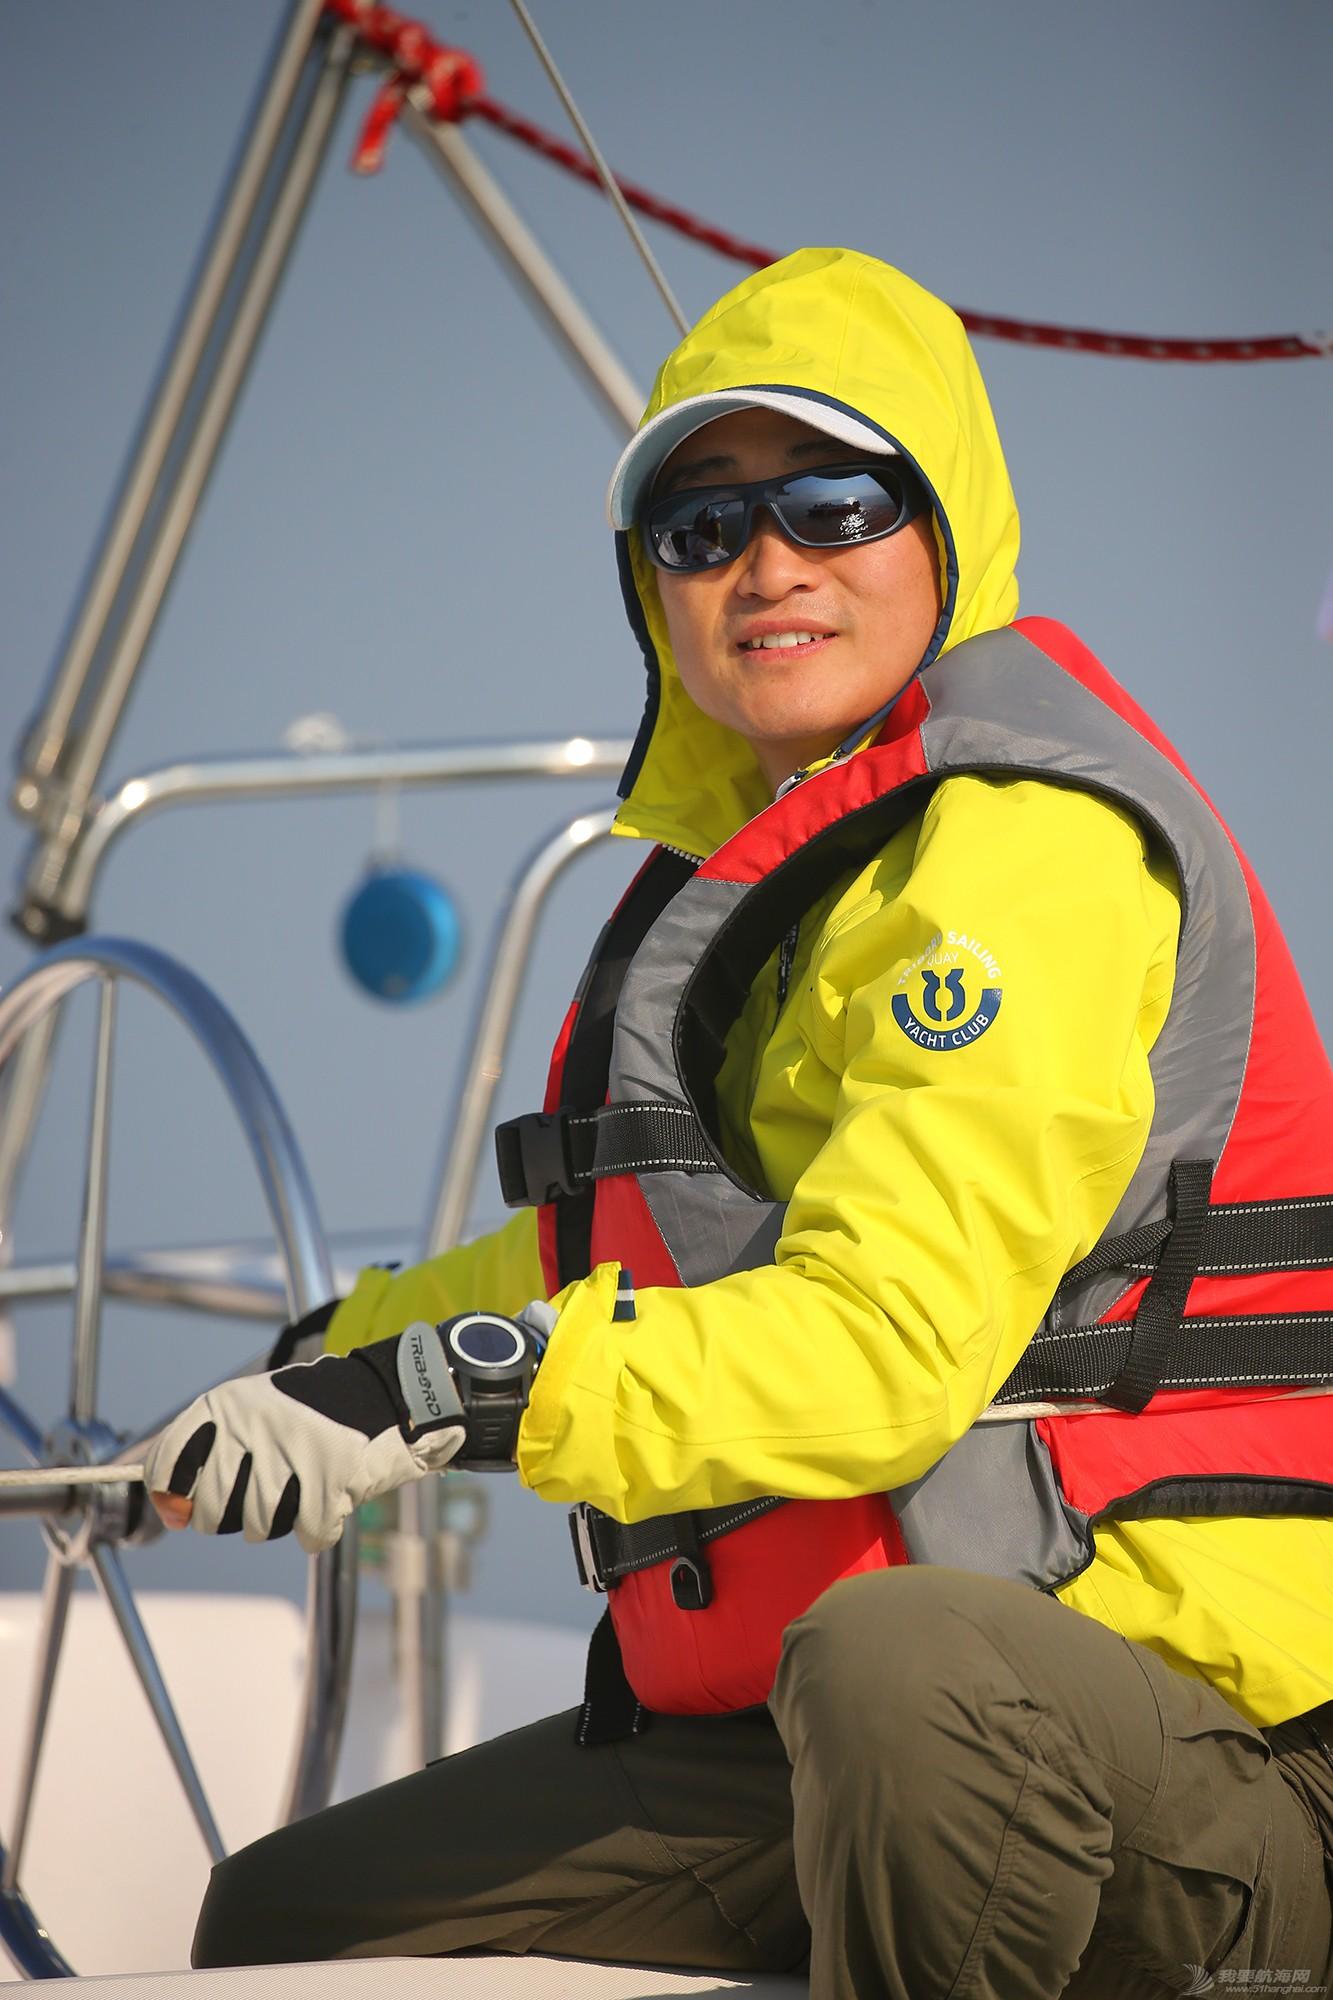 """拉力赛,帆船,太湖 2016""""菱湖湾杯""""环太湖帆船拉力赛参赛船队、船员风采 E78W1626.JPG"""